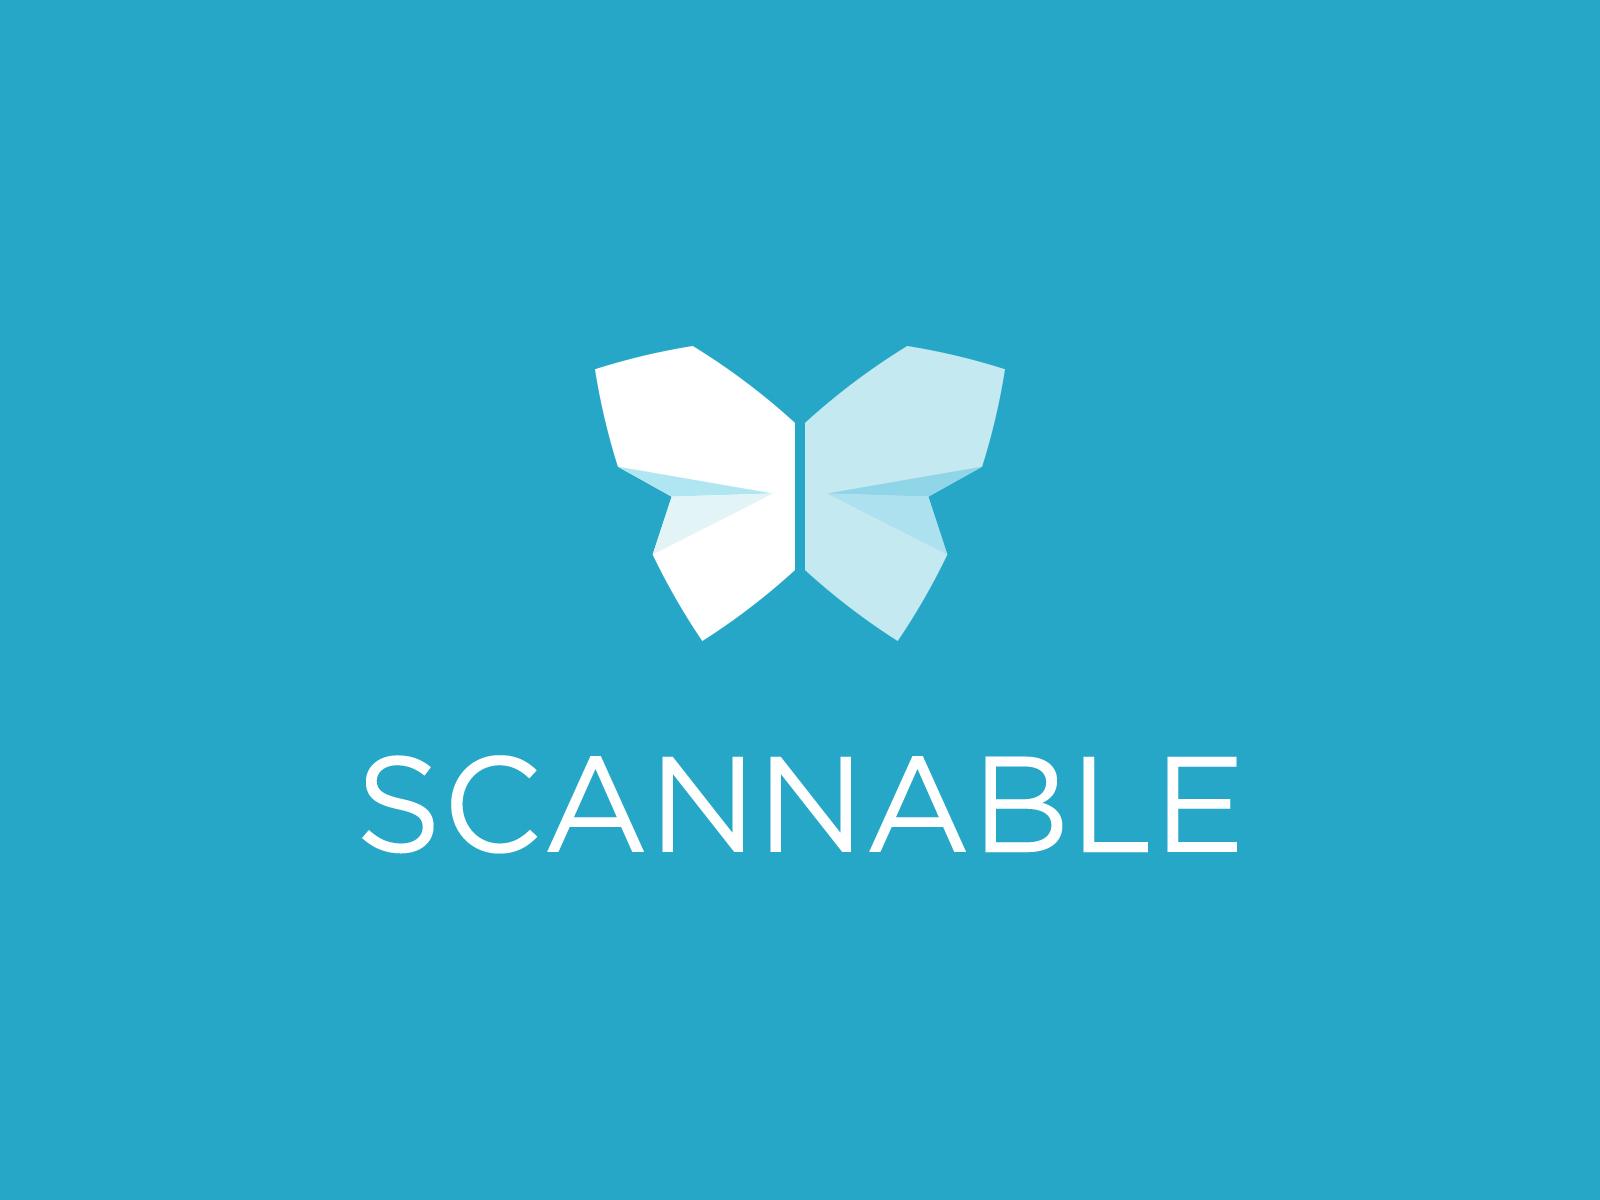 Evernote Scannable: обзор мобильного сканера